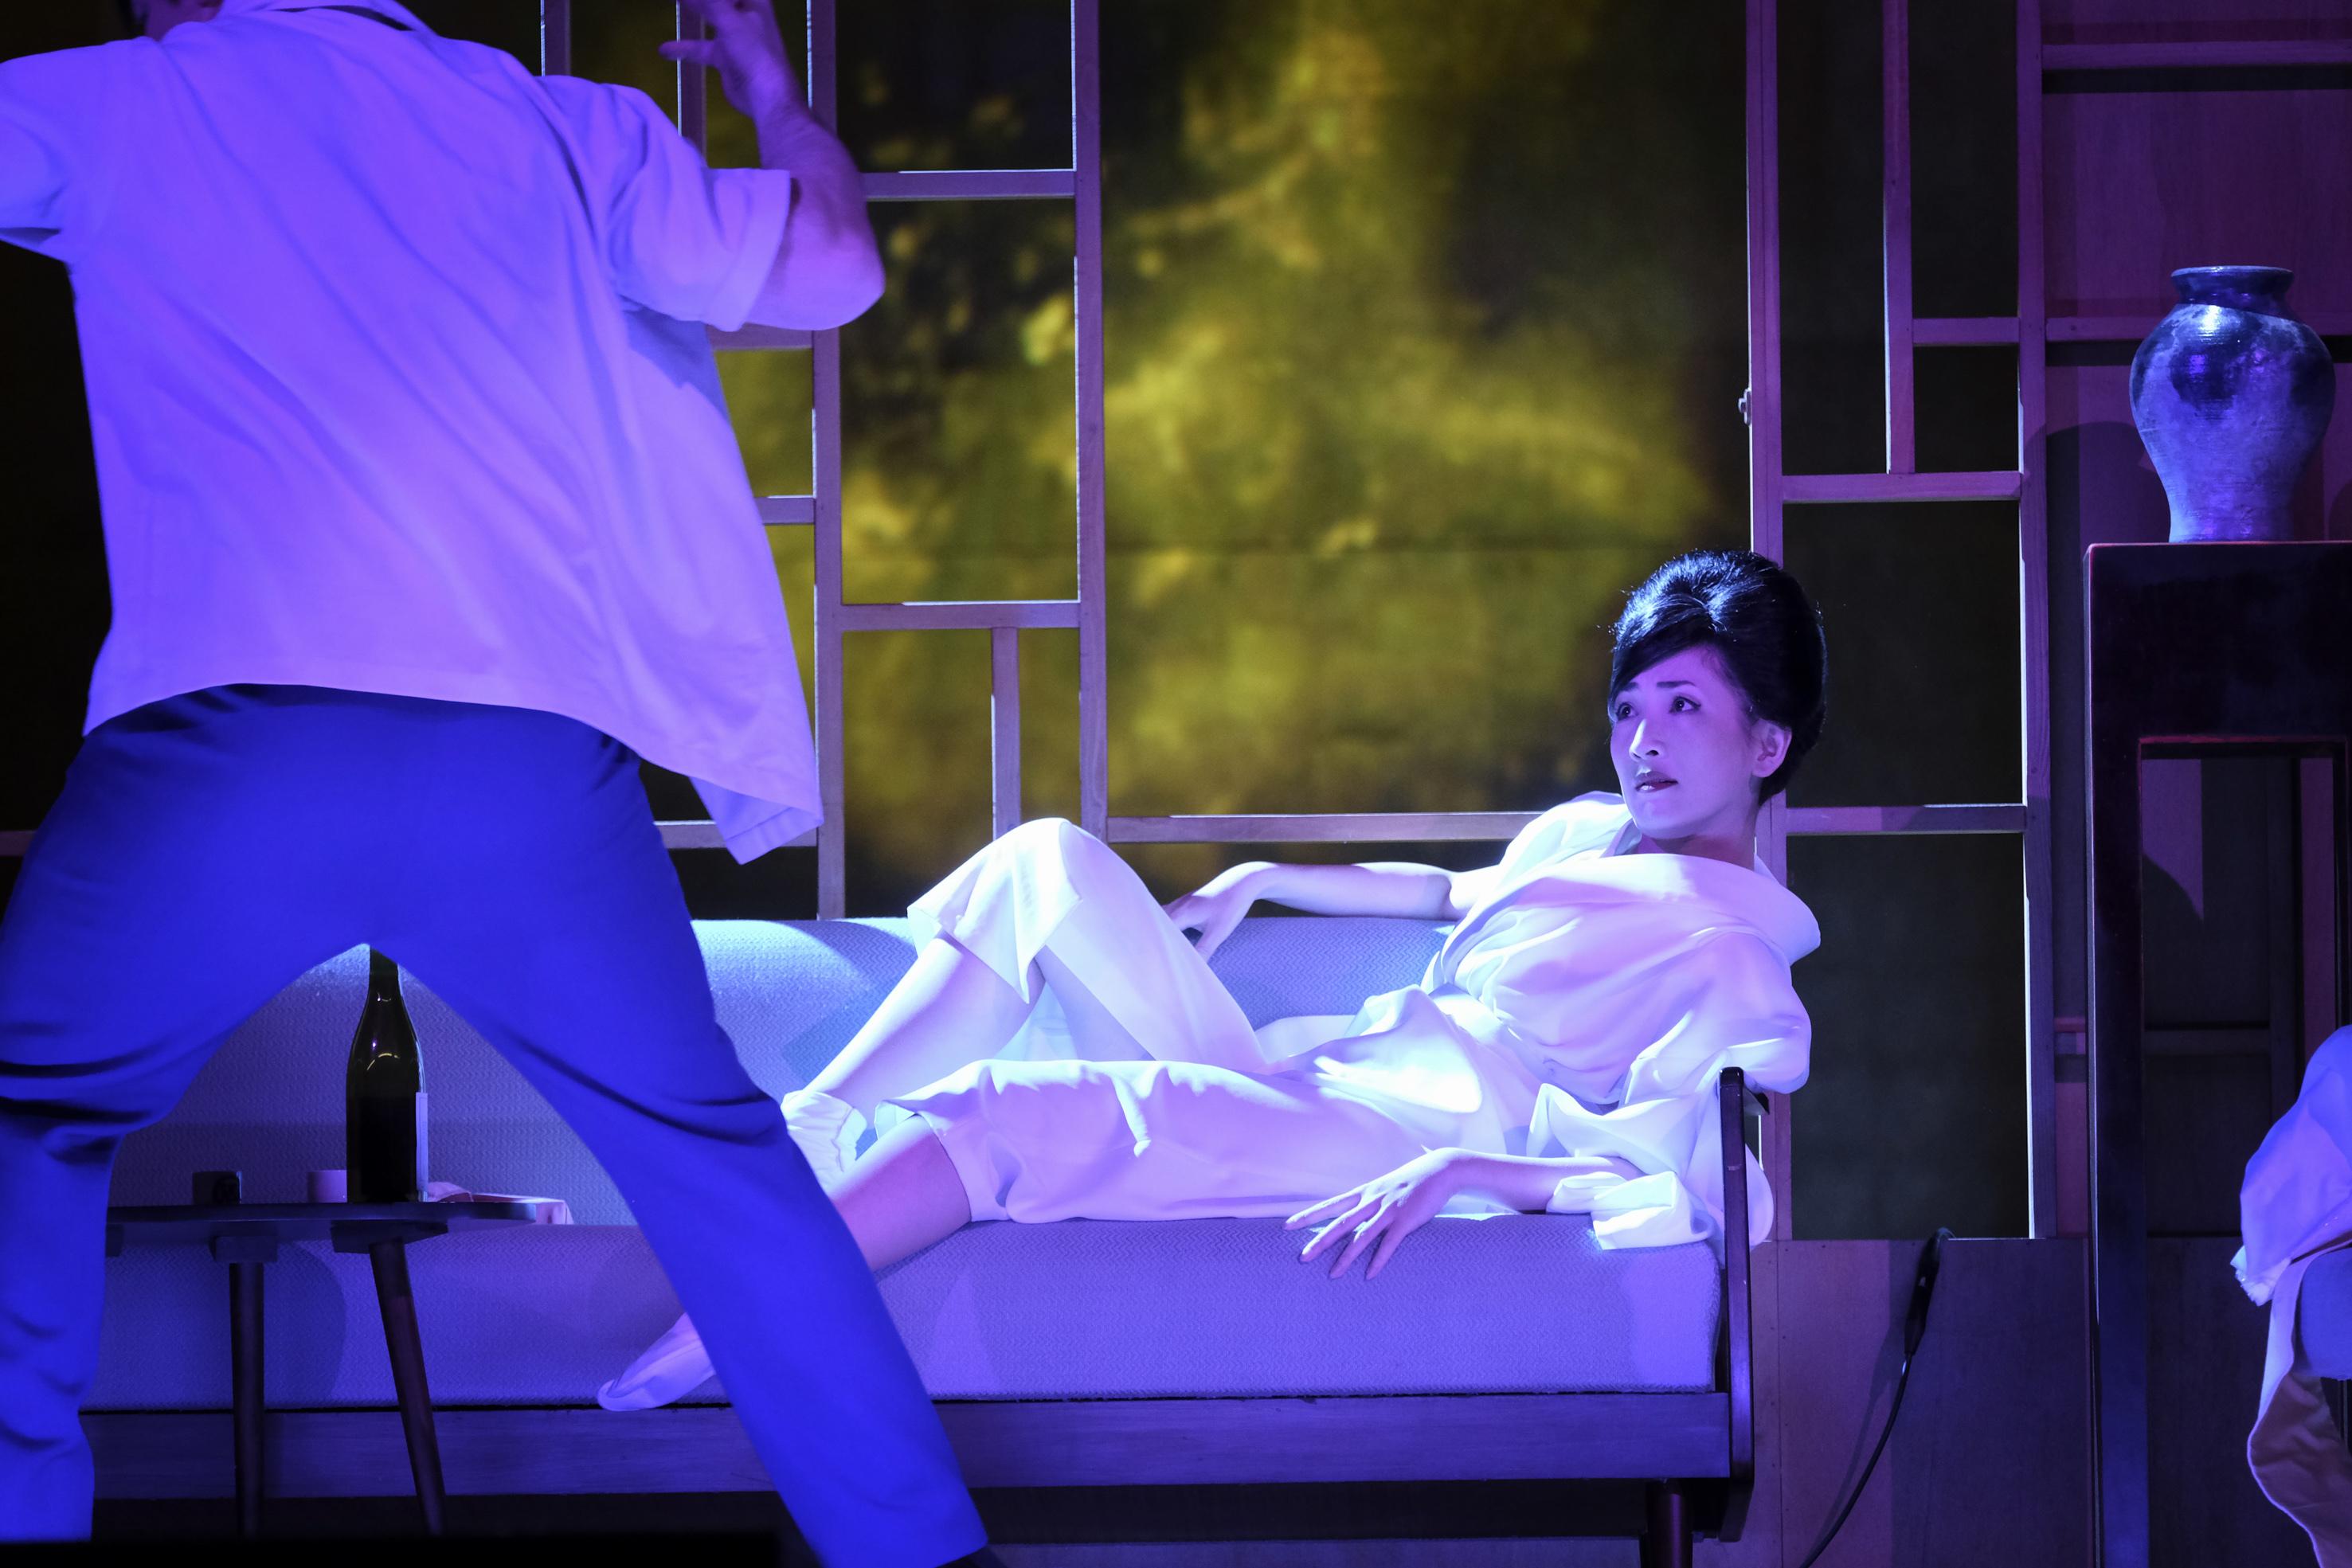 『金閣寺』フランス公演より (C)KlaraBeck